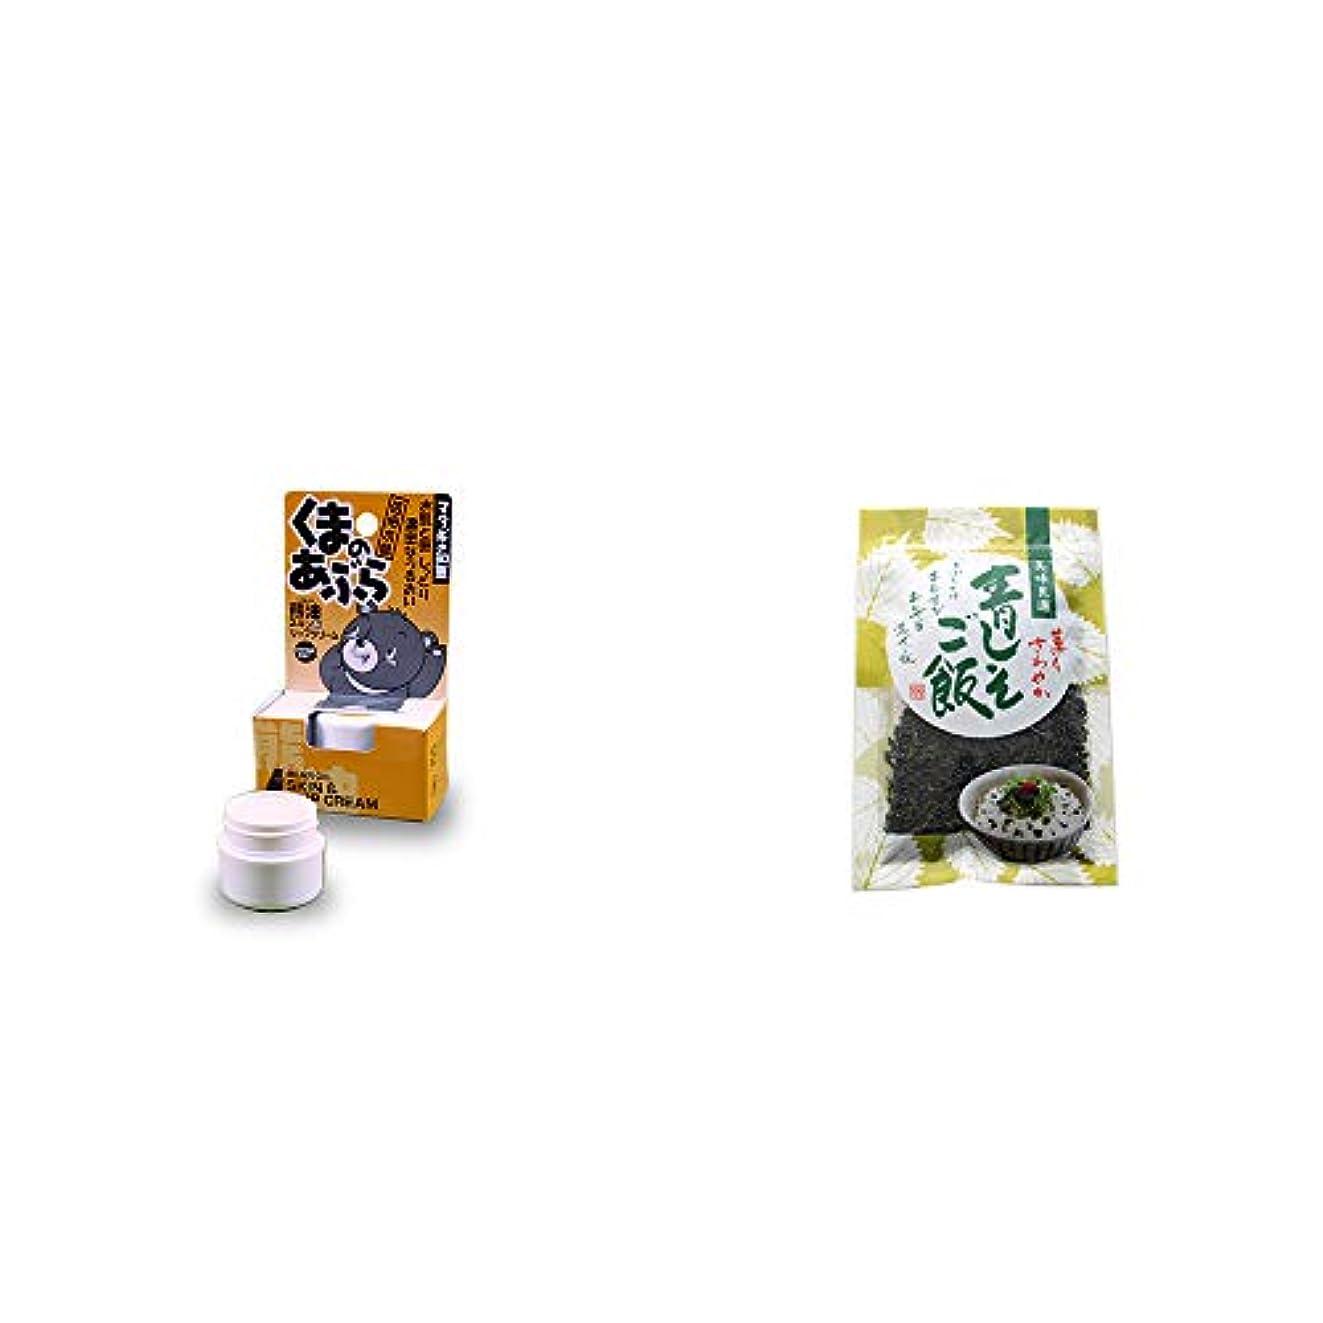 ゆりかご研究振幅[2点セット] 信州木曽 くまのあぶら 熊油スキン&リップクリーム(9g)?薫りさわやか 青しそご飯(80g)